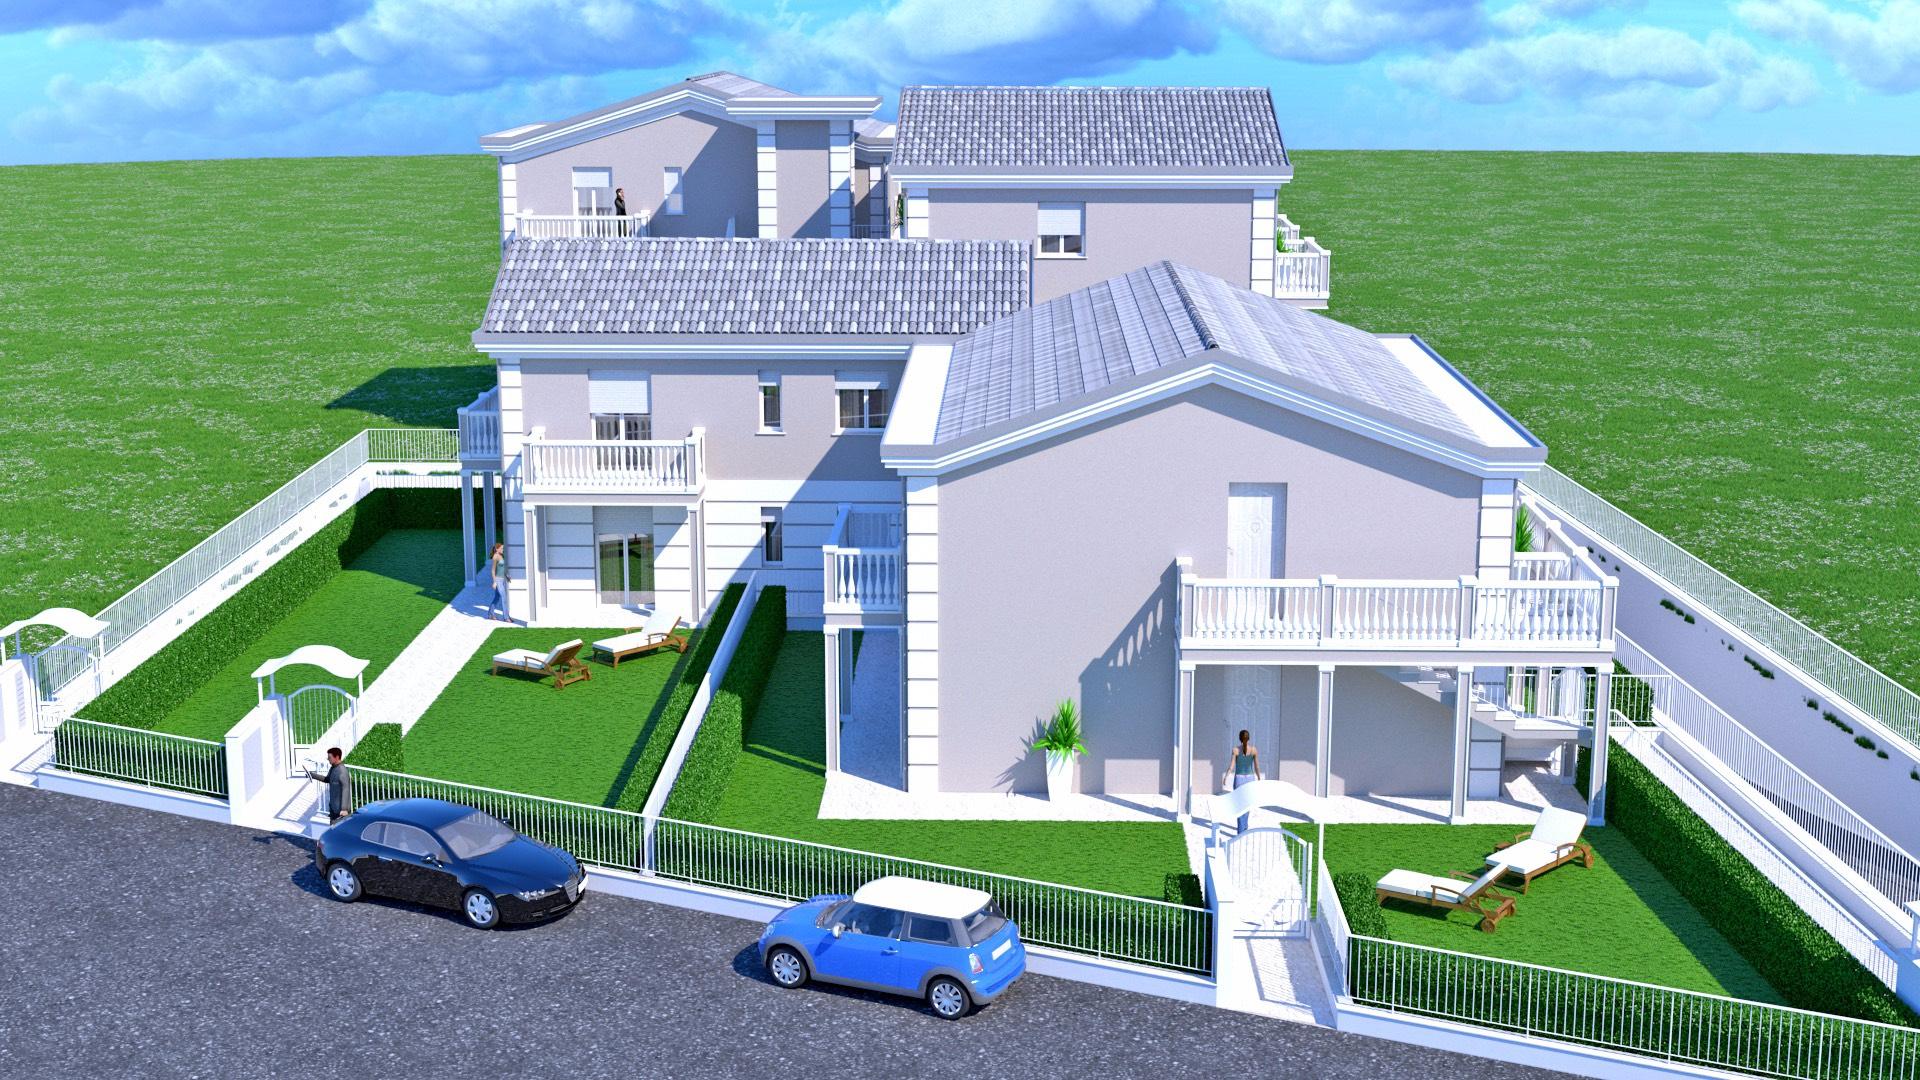 Appartamento in vendita a Porto San Giorgio, 3 locali, prezzo € 215.000 | CambioCasa.it